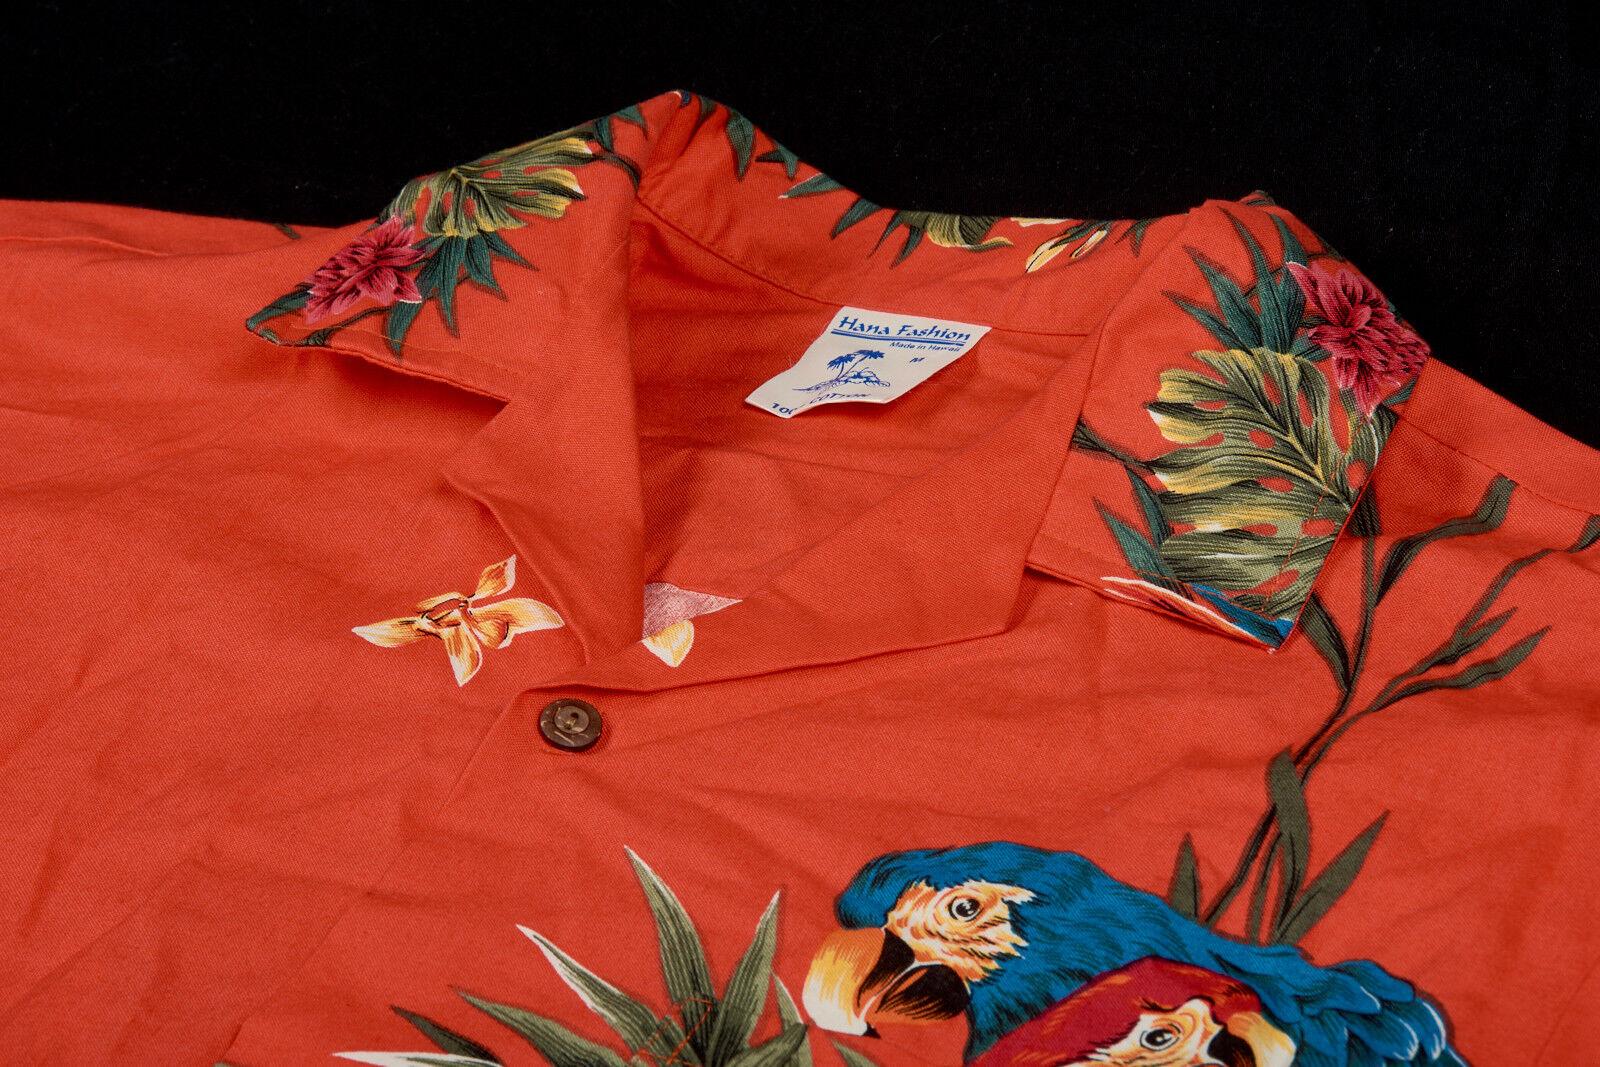 Vintage Herren Hana Modisches Hemd M in Persimmin Orange Hawaii Papageien  | Perfekte Verarbeitung